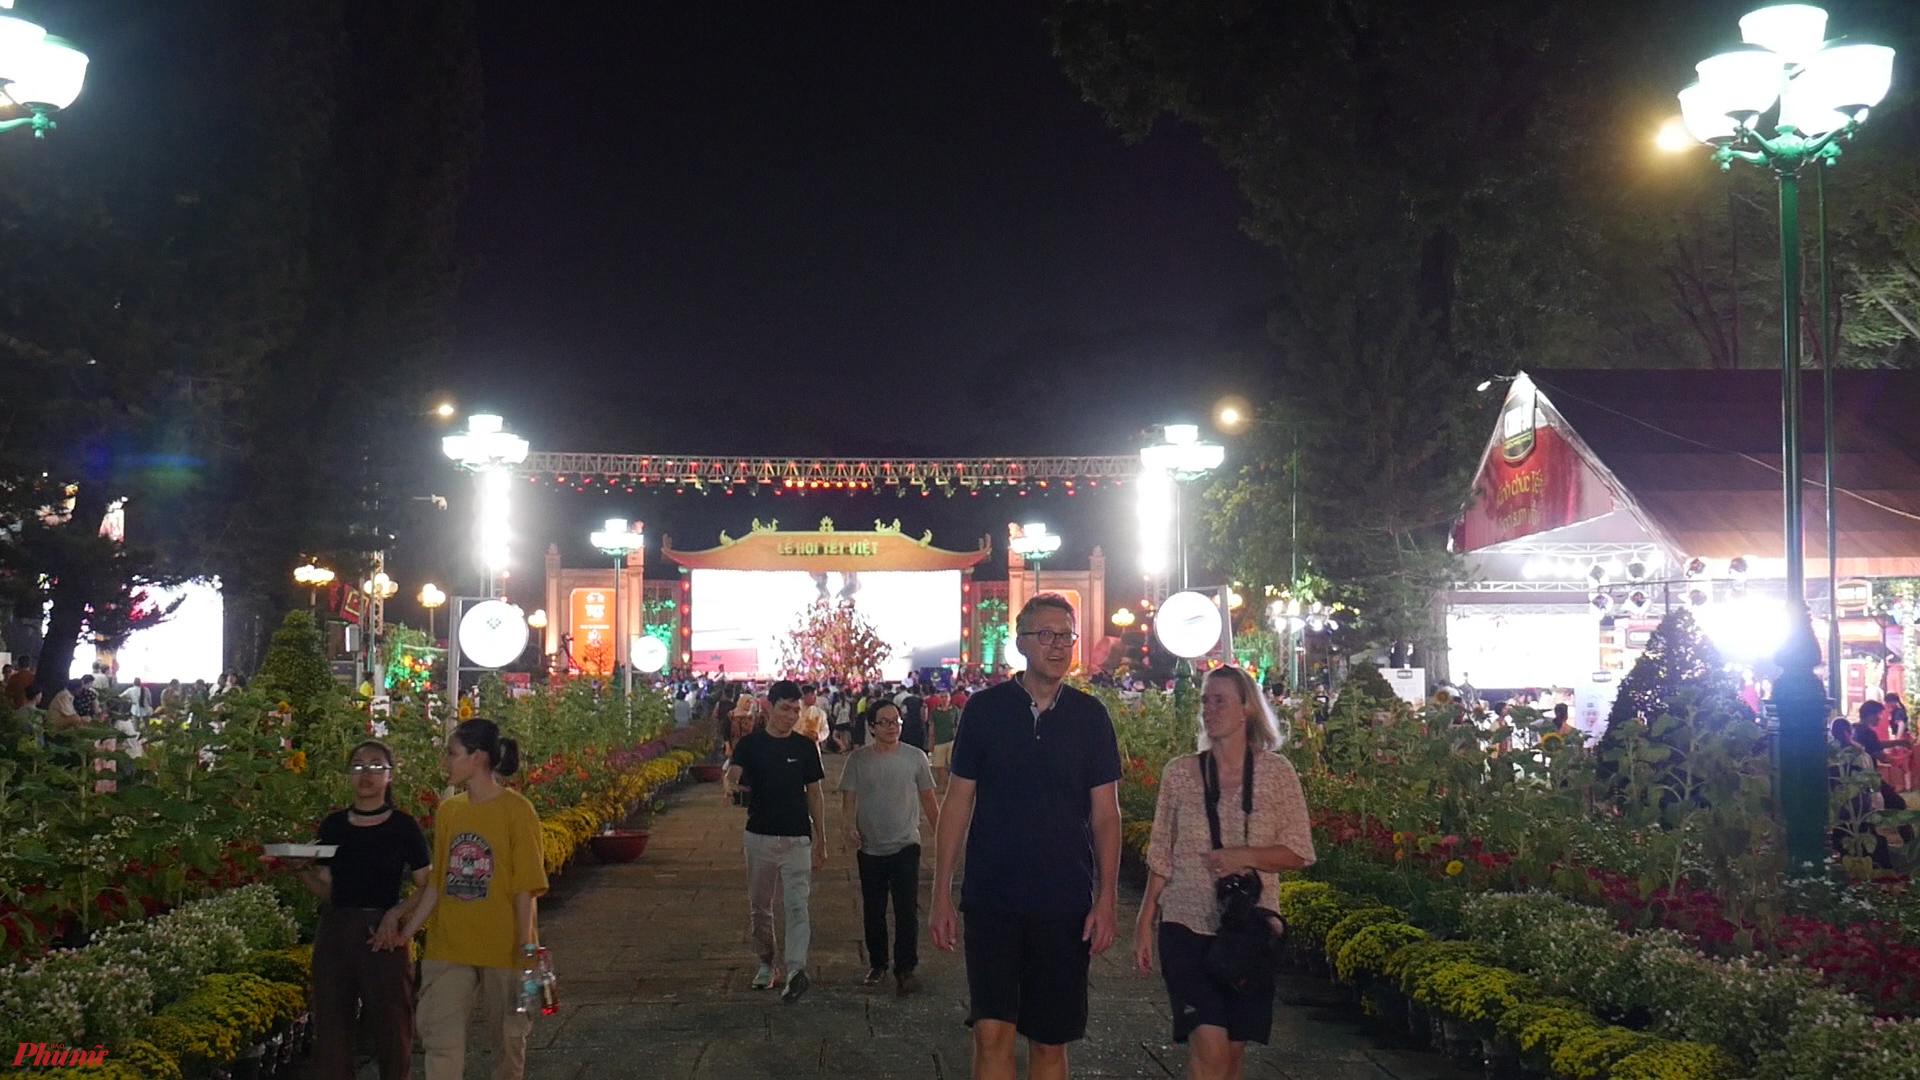 Rất đông người dân và du khách đến tham gia lễ hội, tìm hiểu Tết cổ truyền của Việt Nam.